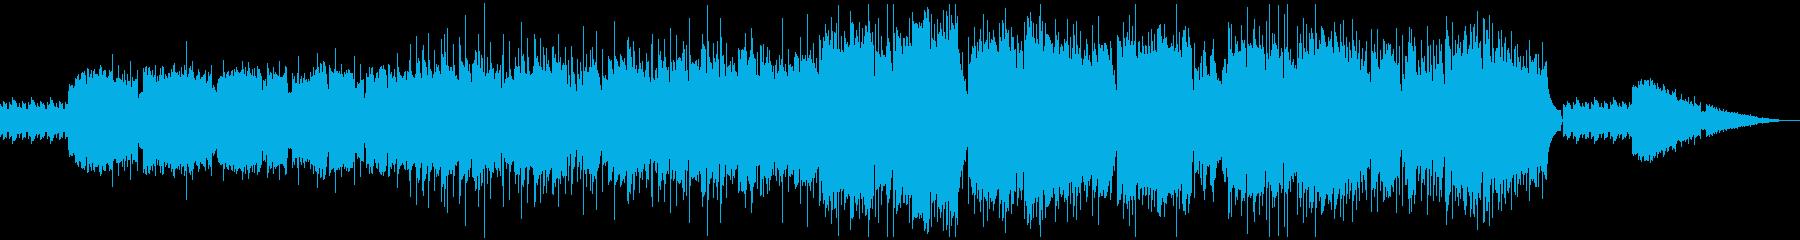 ほのぼの牧歌的な感じのケルトの笛の再生済みの波形